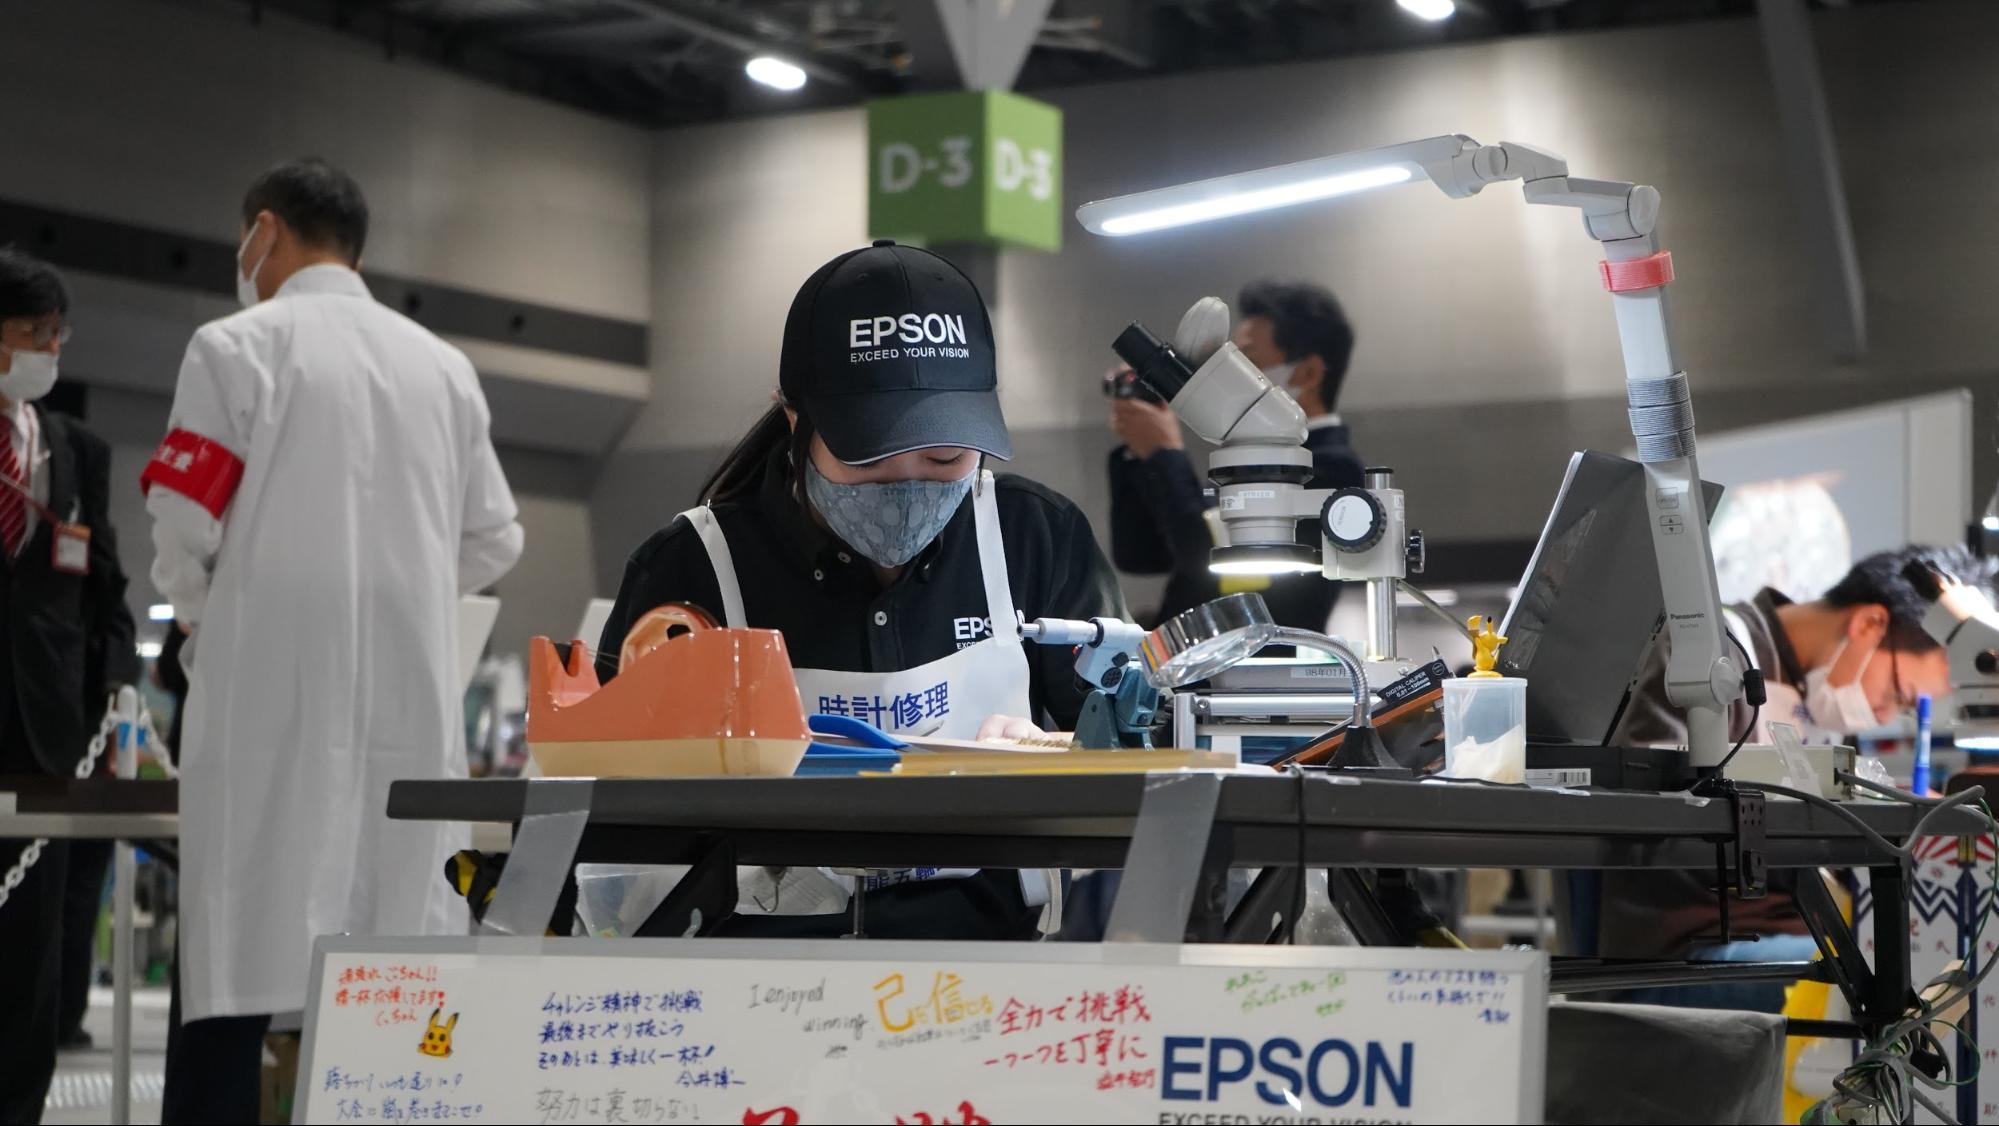 【金賞】 時計修理 後藤 玲子 セイコーエプソン株式会社 諏訪市